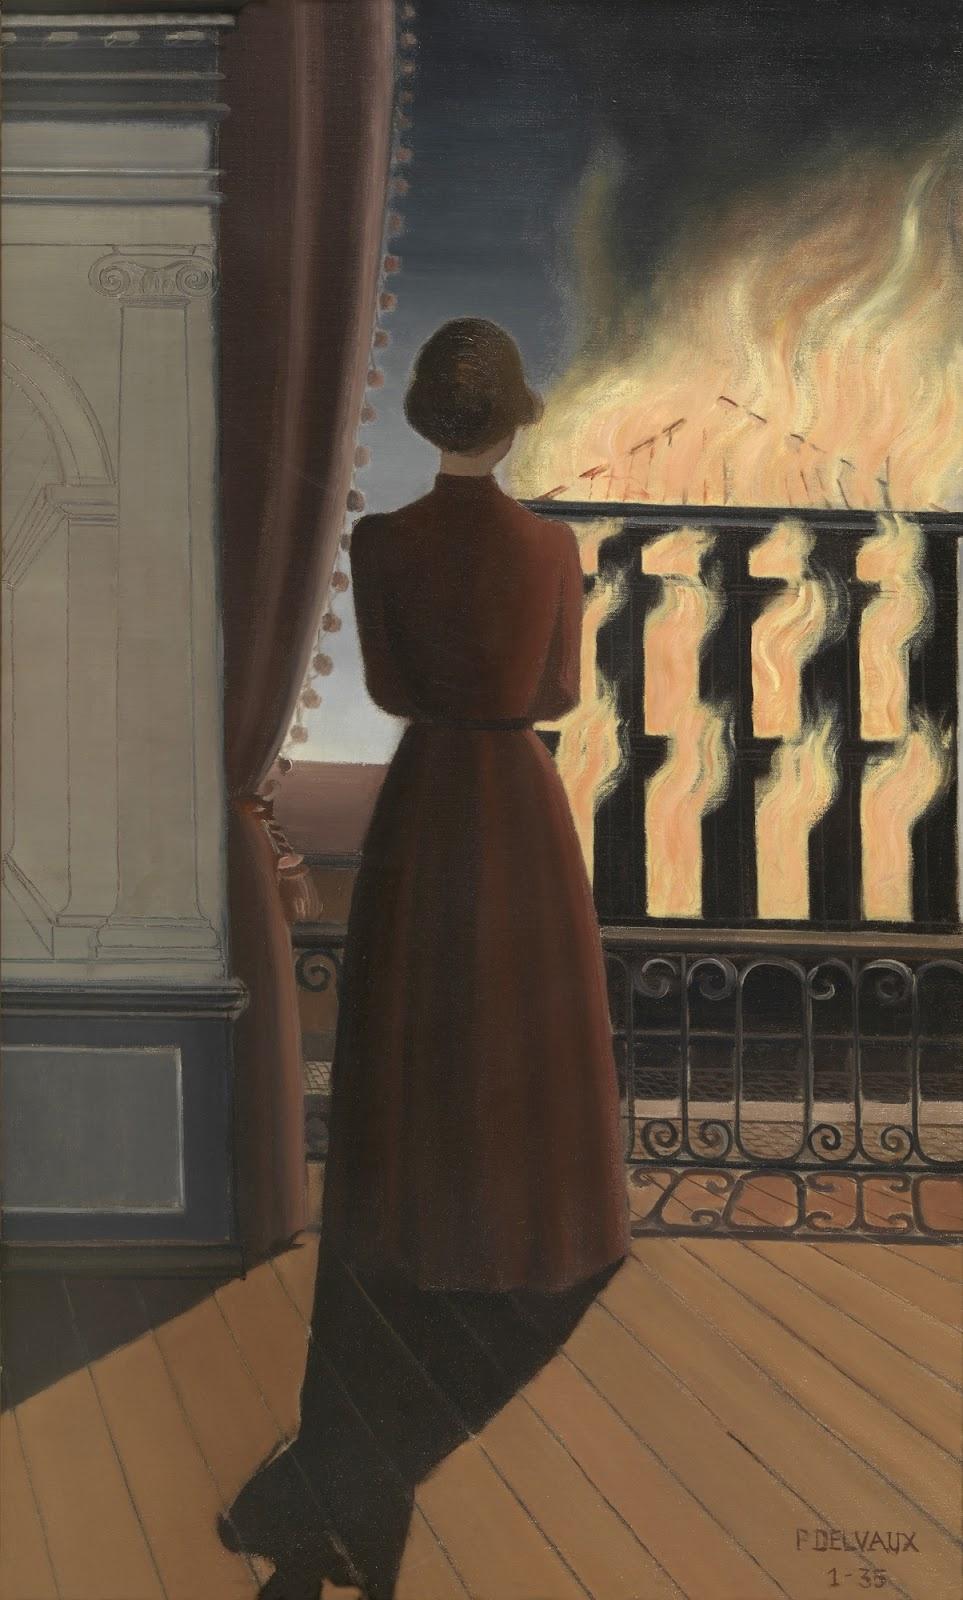 Поль Дельво. Пожар. 1935